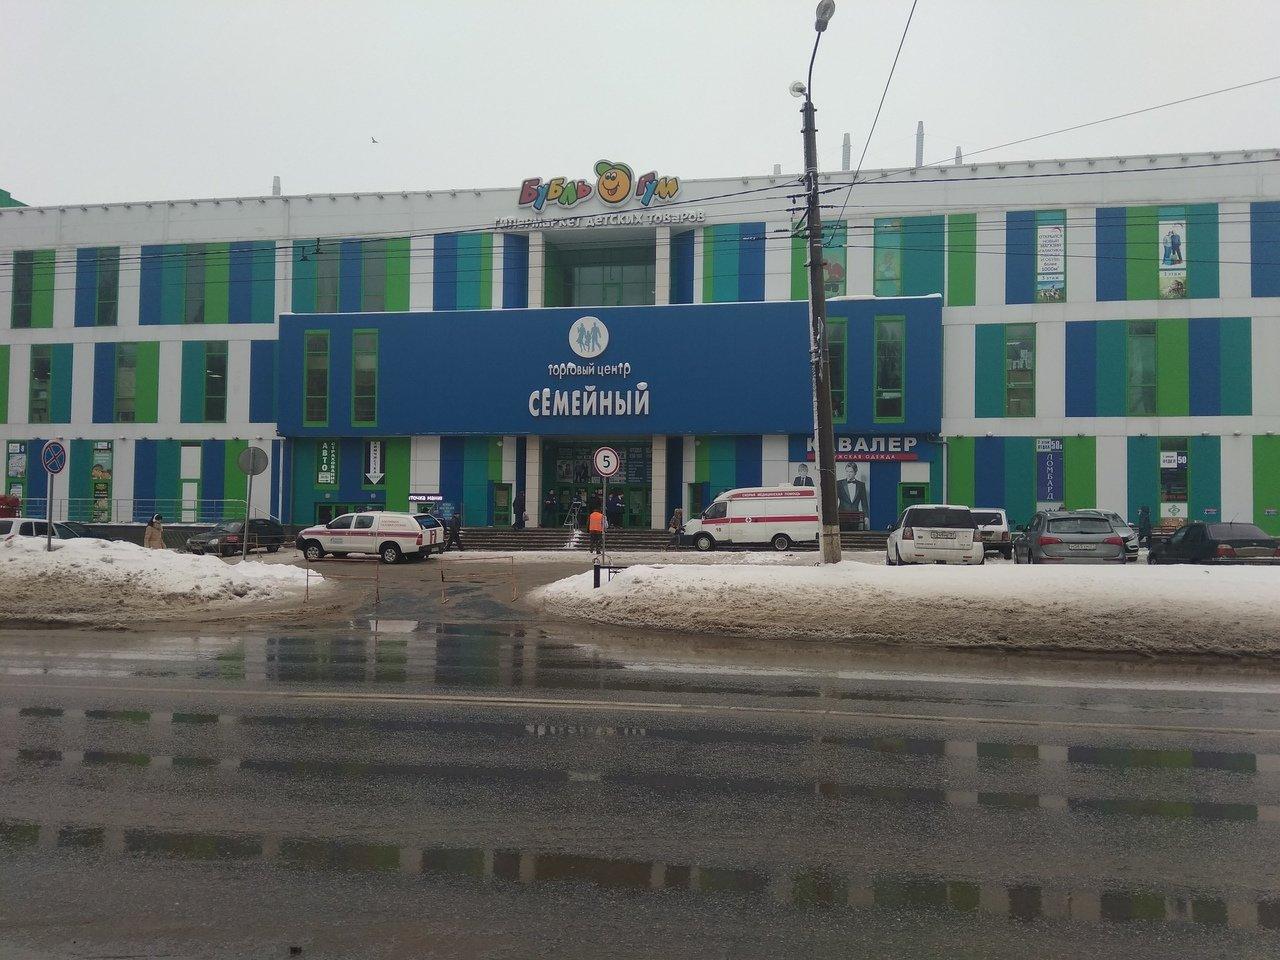 В Белгороде анонимы заминировали ряд социальных объектов, фото-1